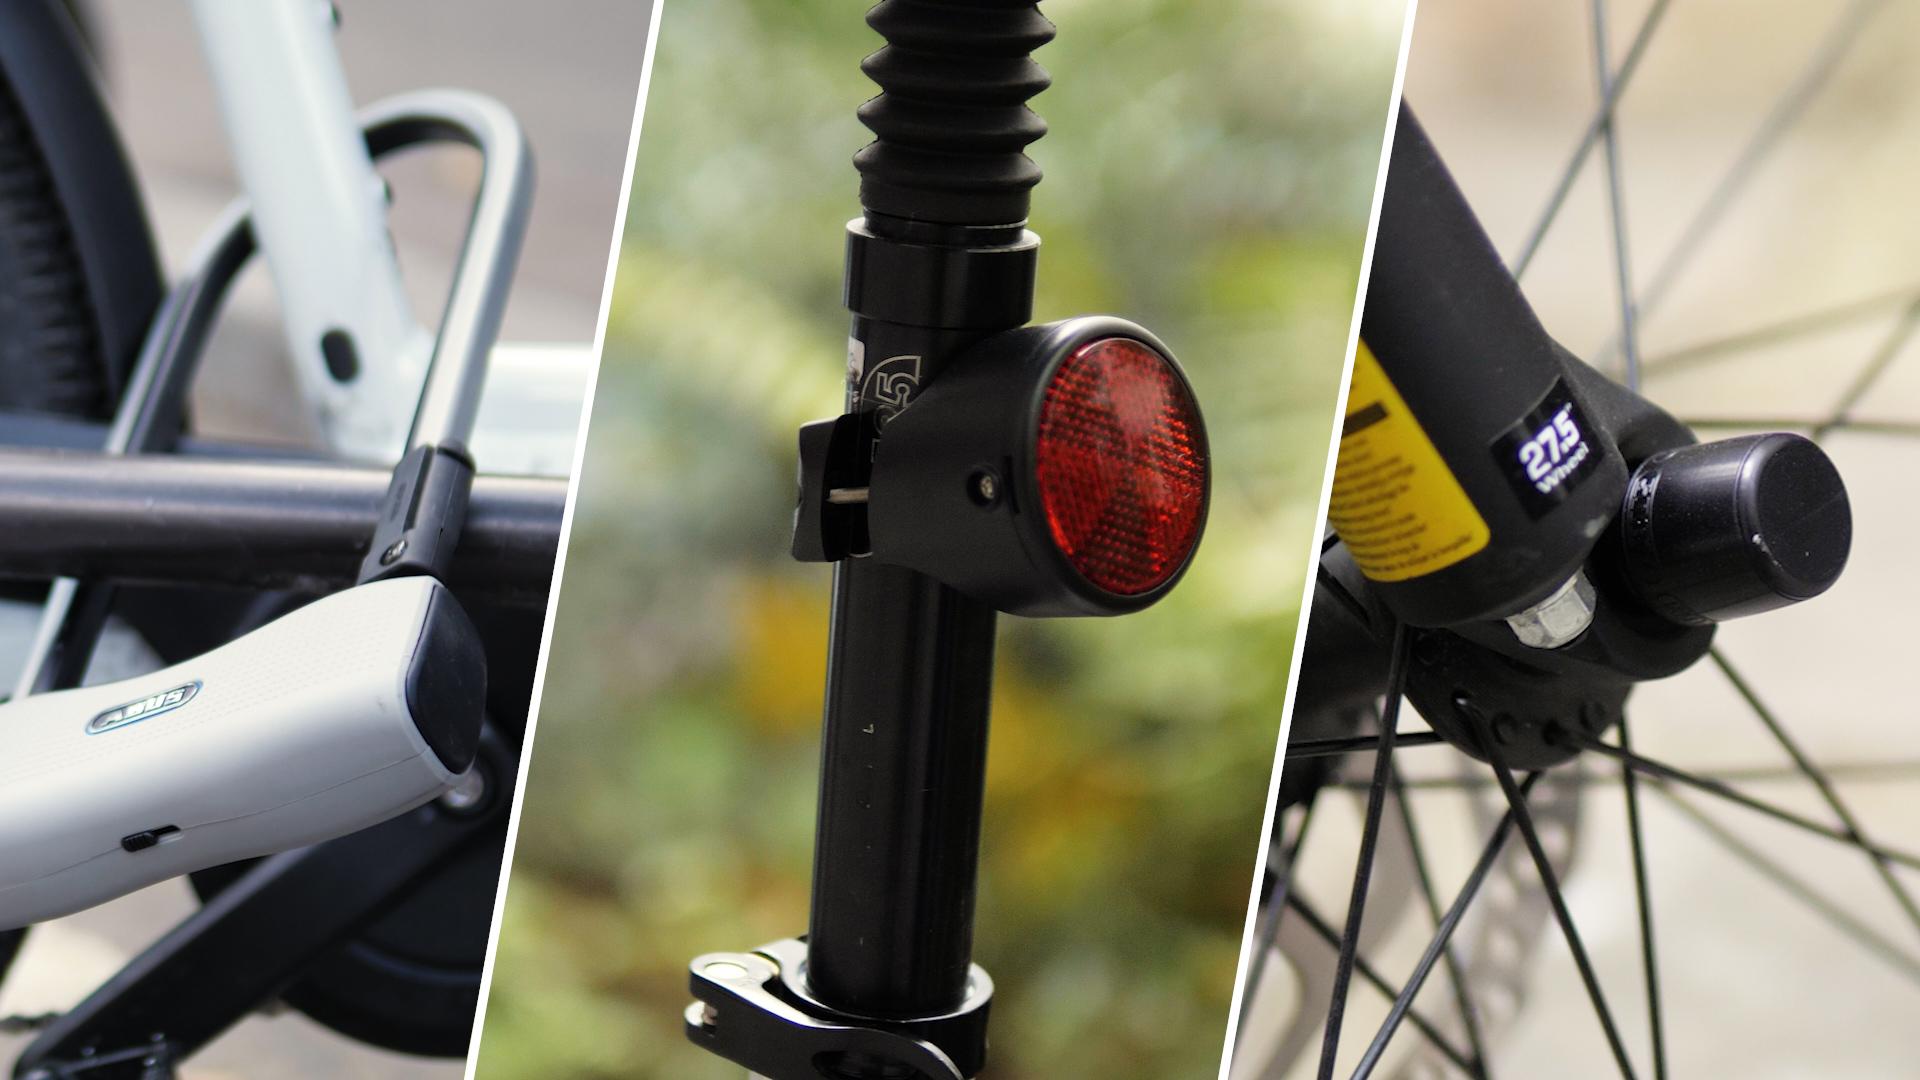 Nos 3 accessoires favoris pour sécuriser votre vélo